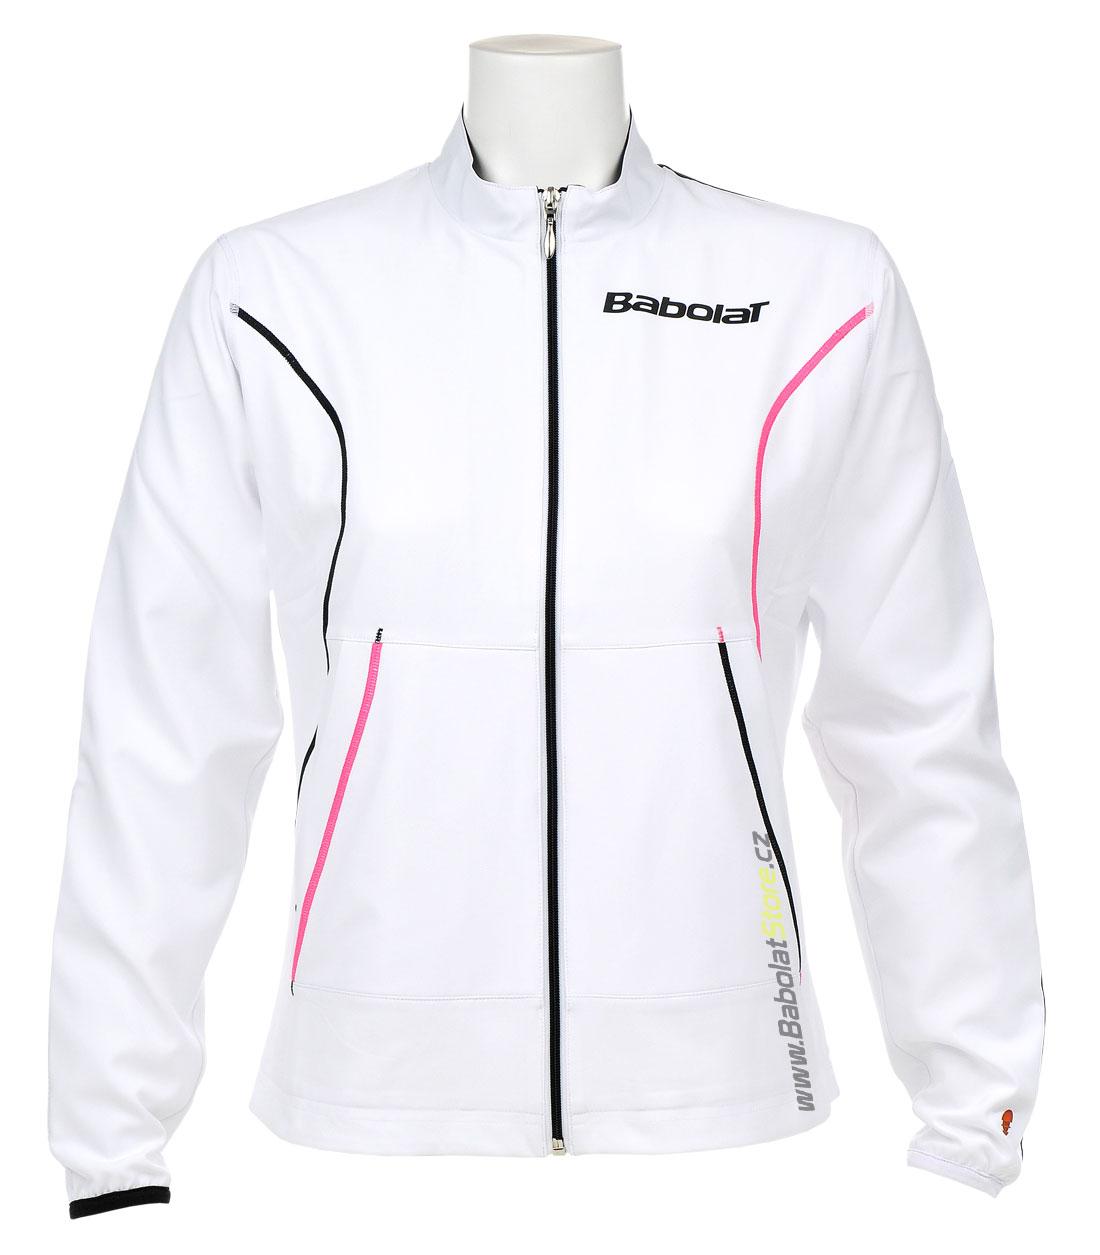 Babolat Jacket Women Performance White 2012/2013 XS